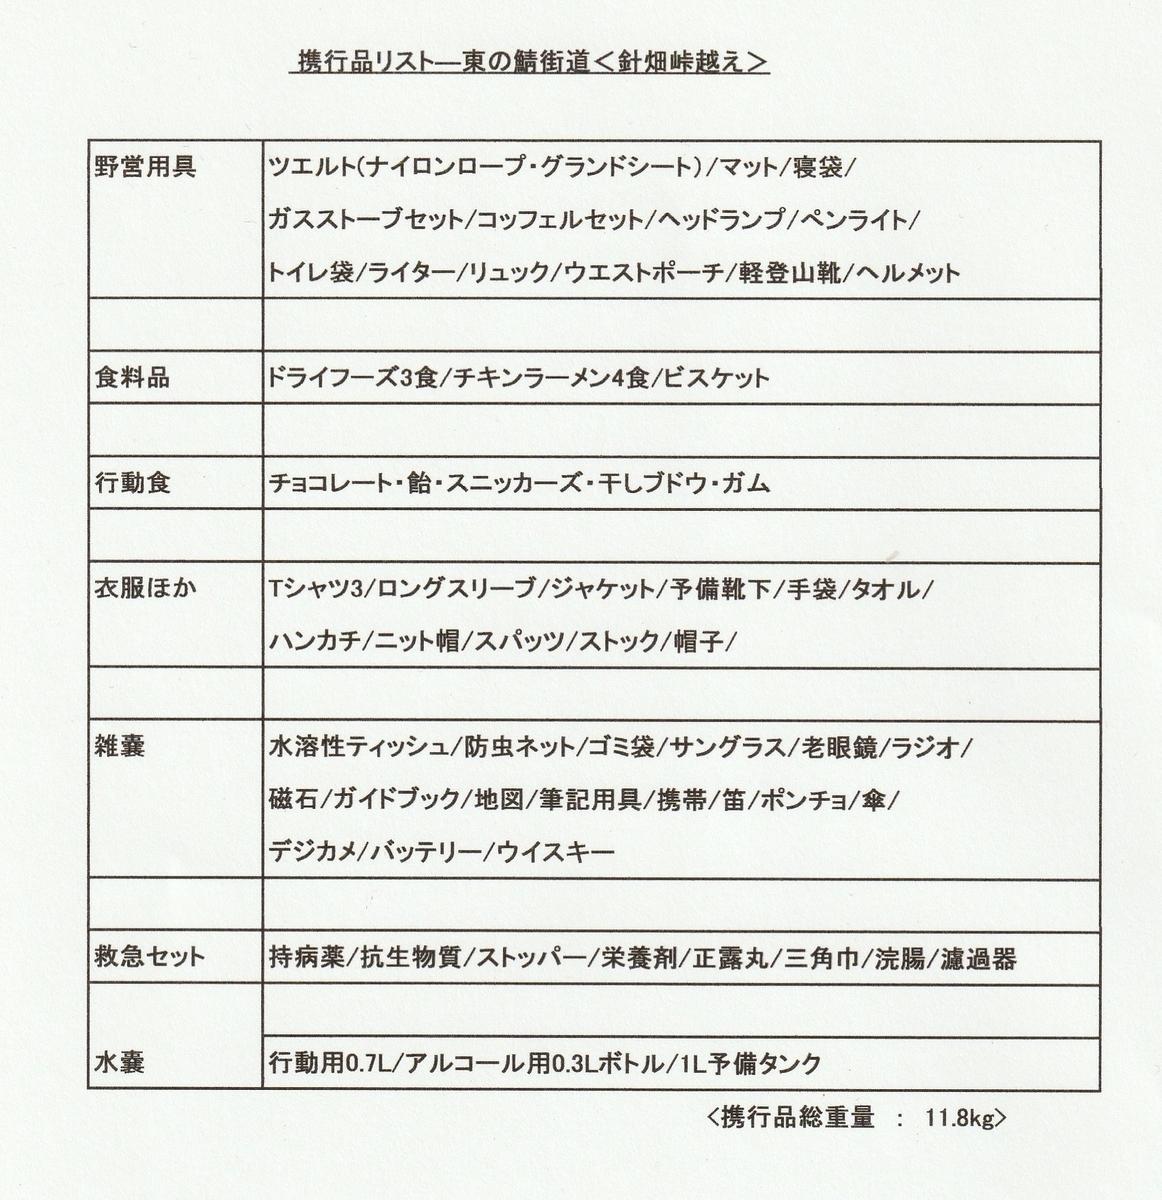 f:id:shiganosato-goto:20191125213528j:plain